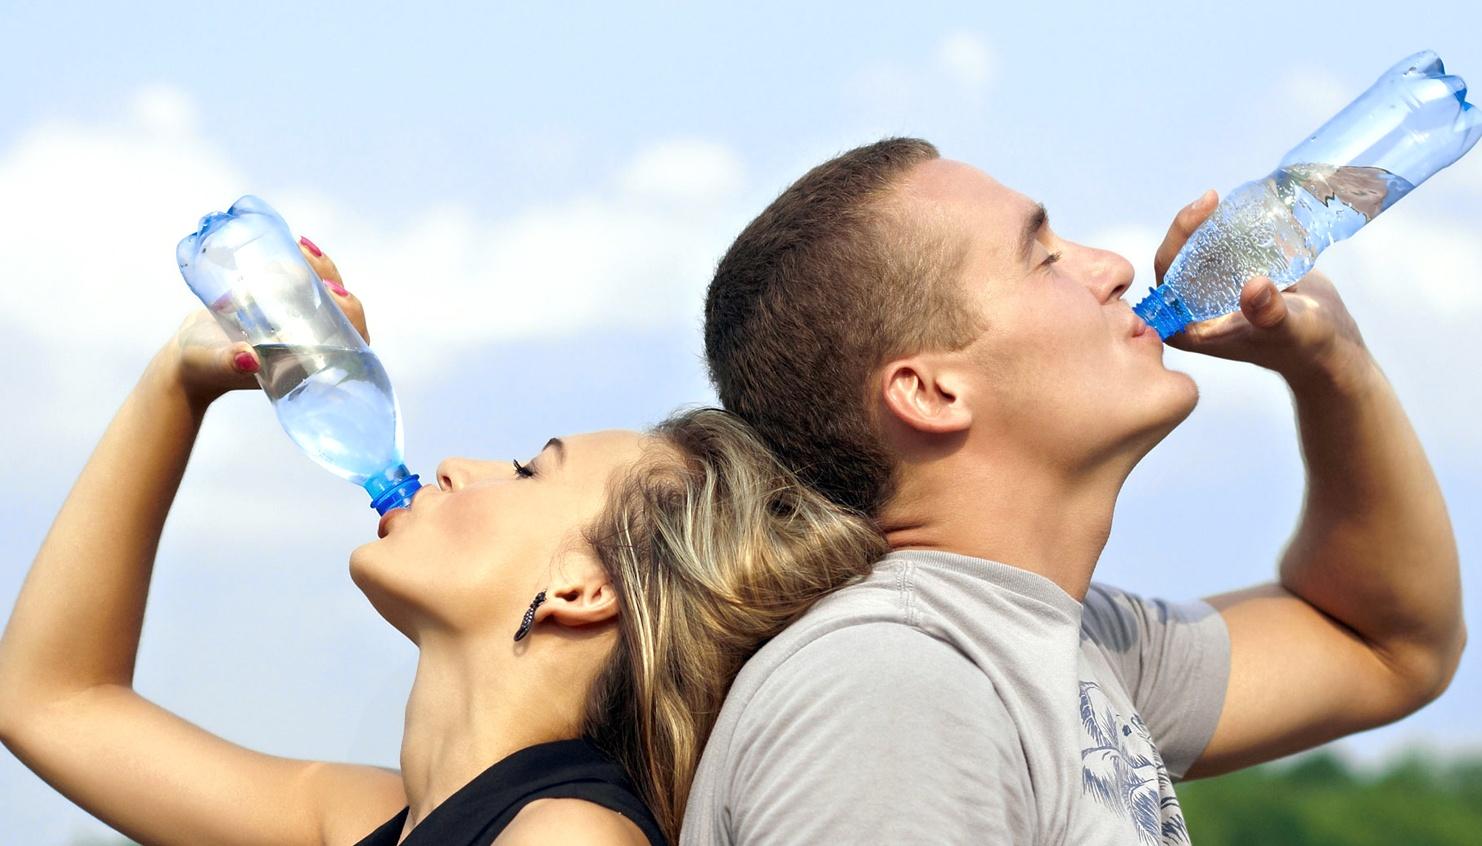 ¿Cómo ser más saludable?  Mantente hidratado este verano